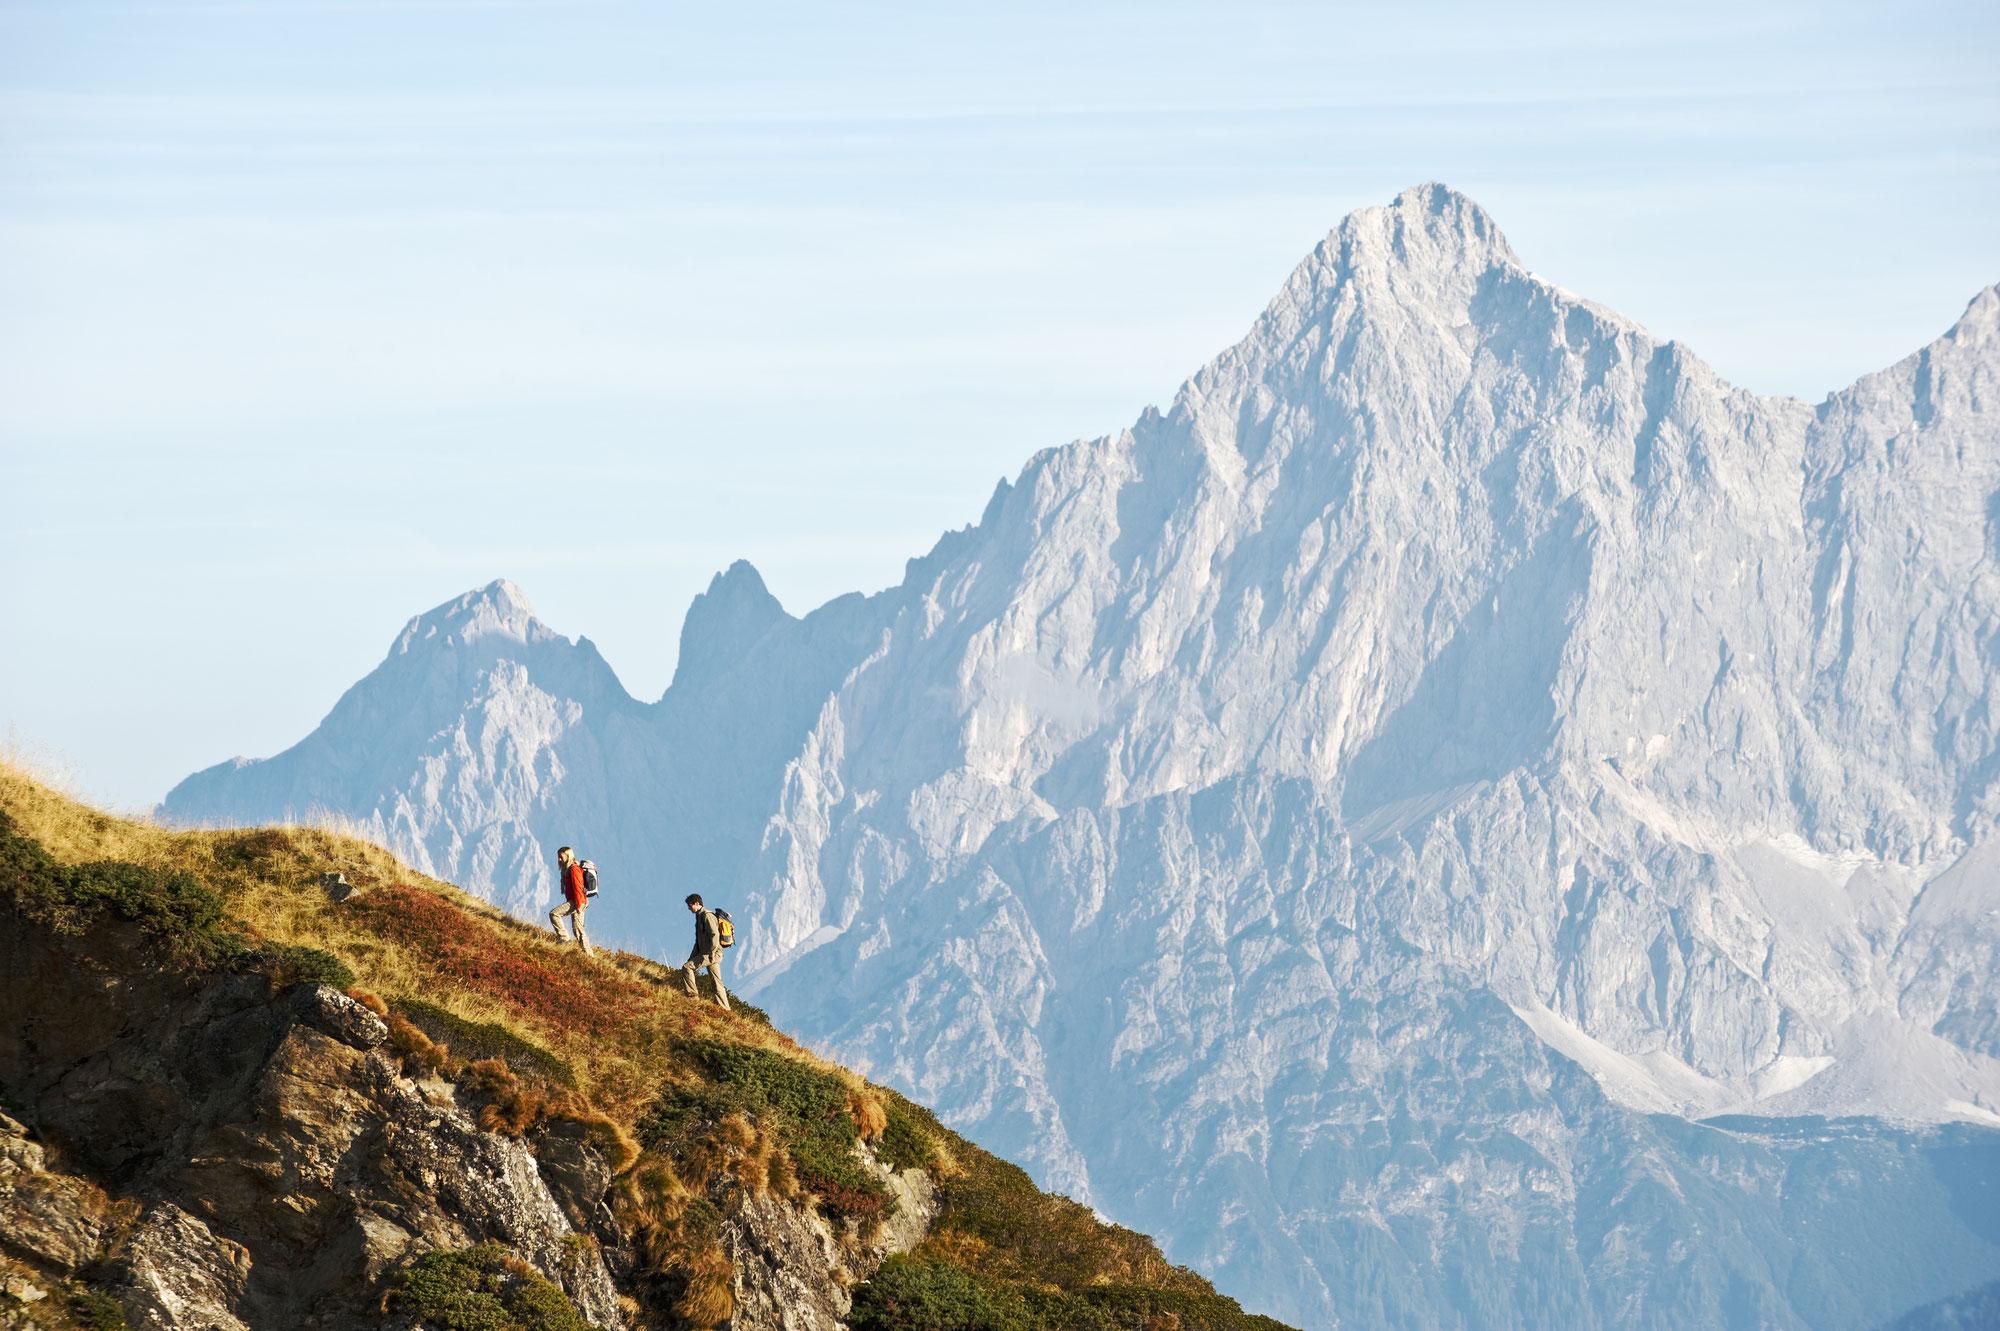 Klettersteig Zauchensee : Bewertung magic mountains hotel sportwelt zauchensee tui at